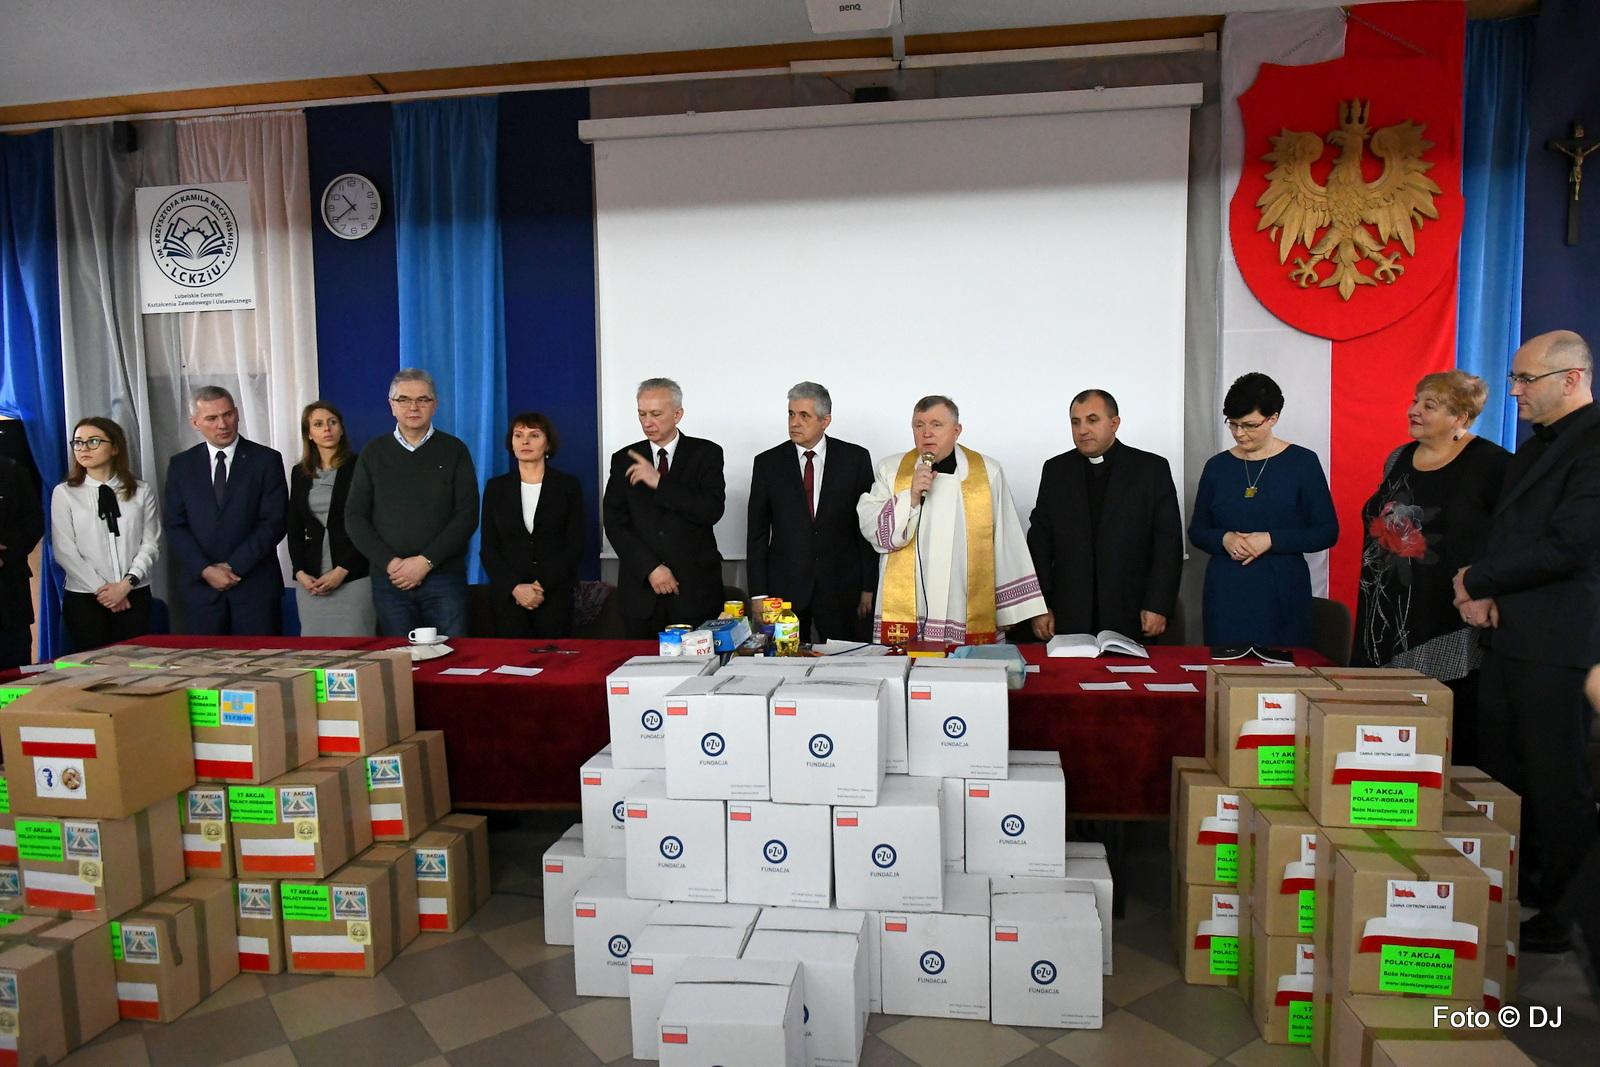 Polacy Rodakom 2016 - zakończenie 17 akcji